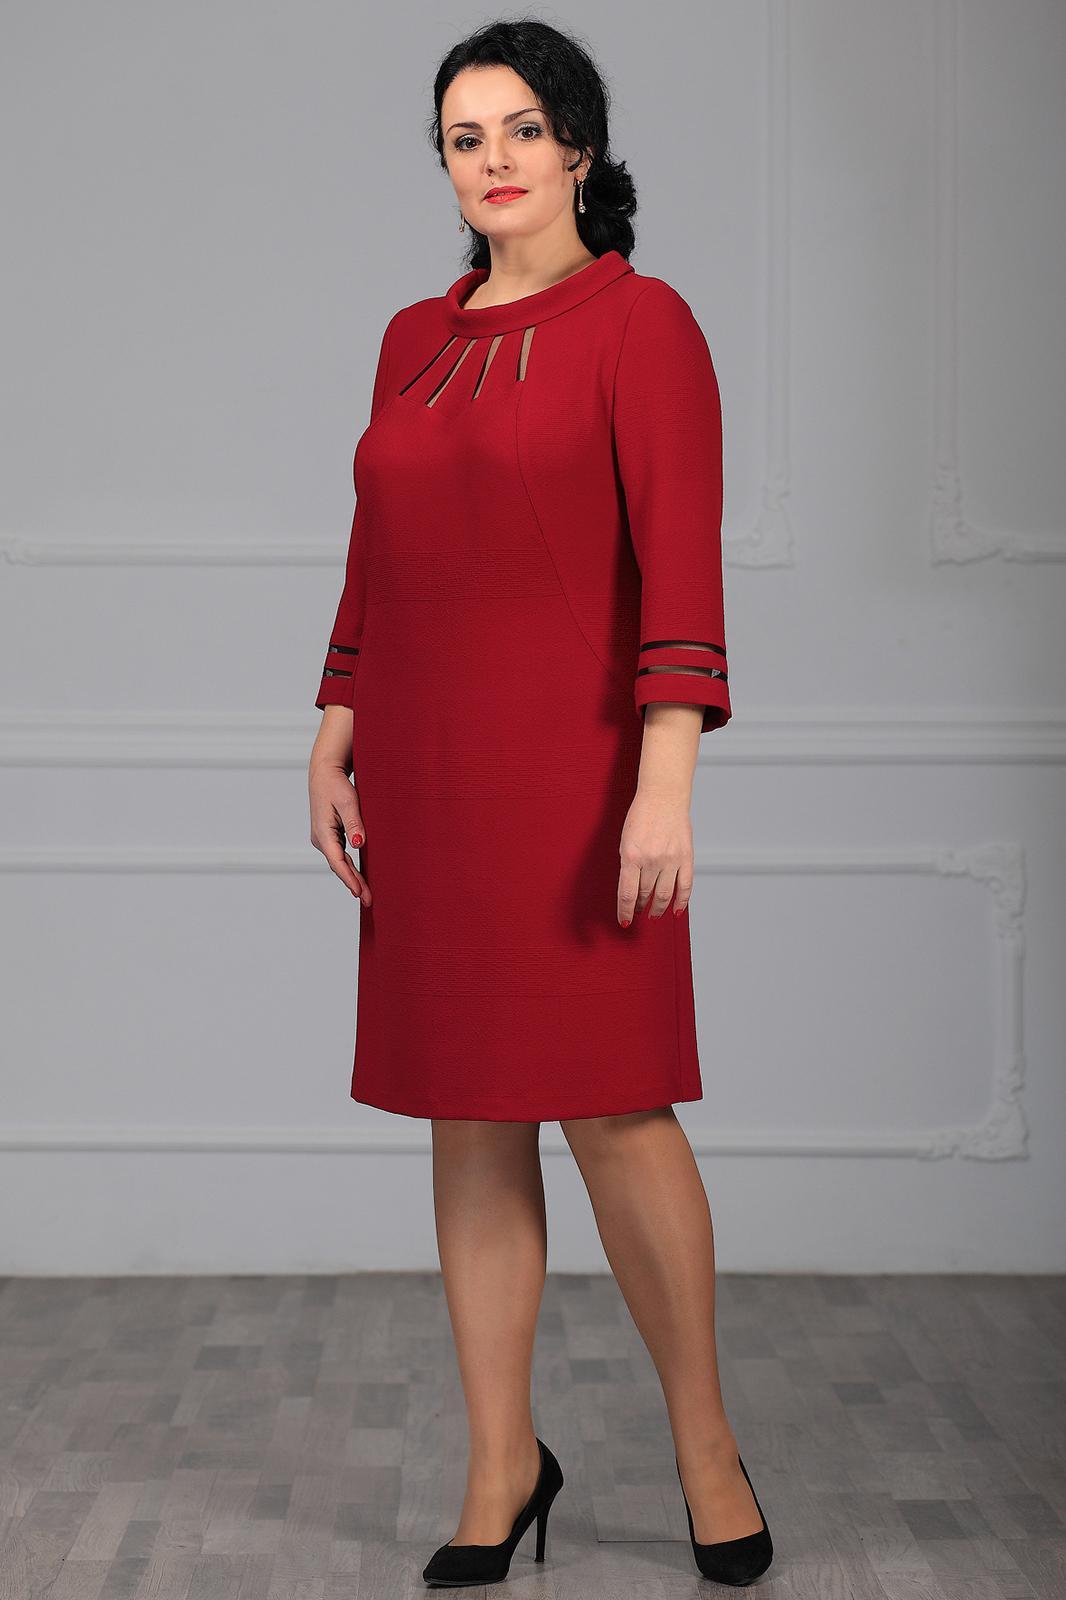 Купить платье в интернет-магазине в Минске. Белорусские женские платья 0919d5a142e